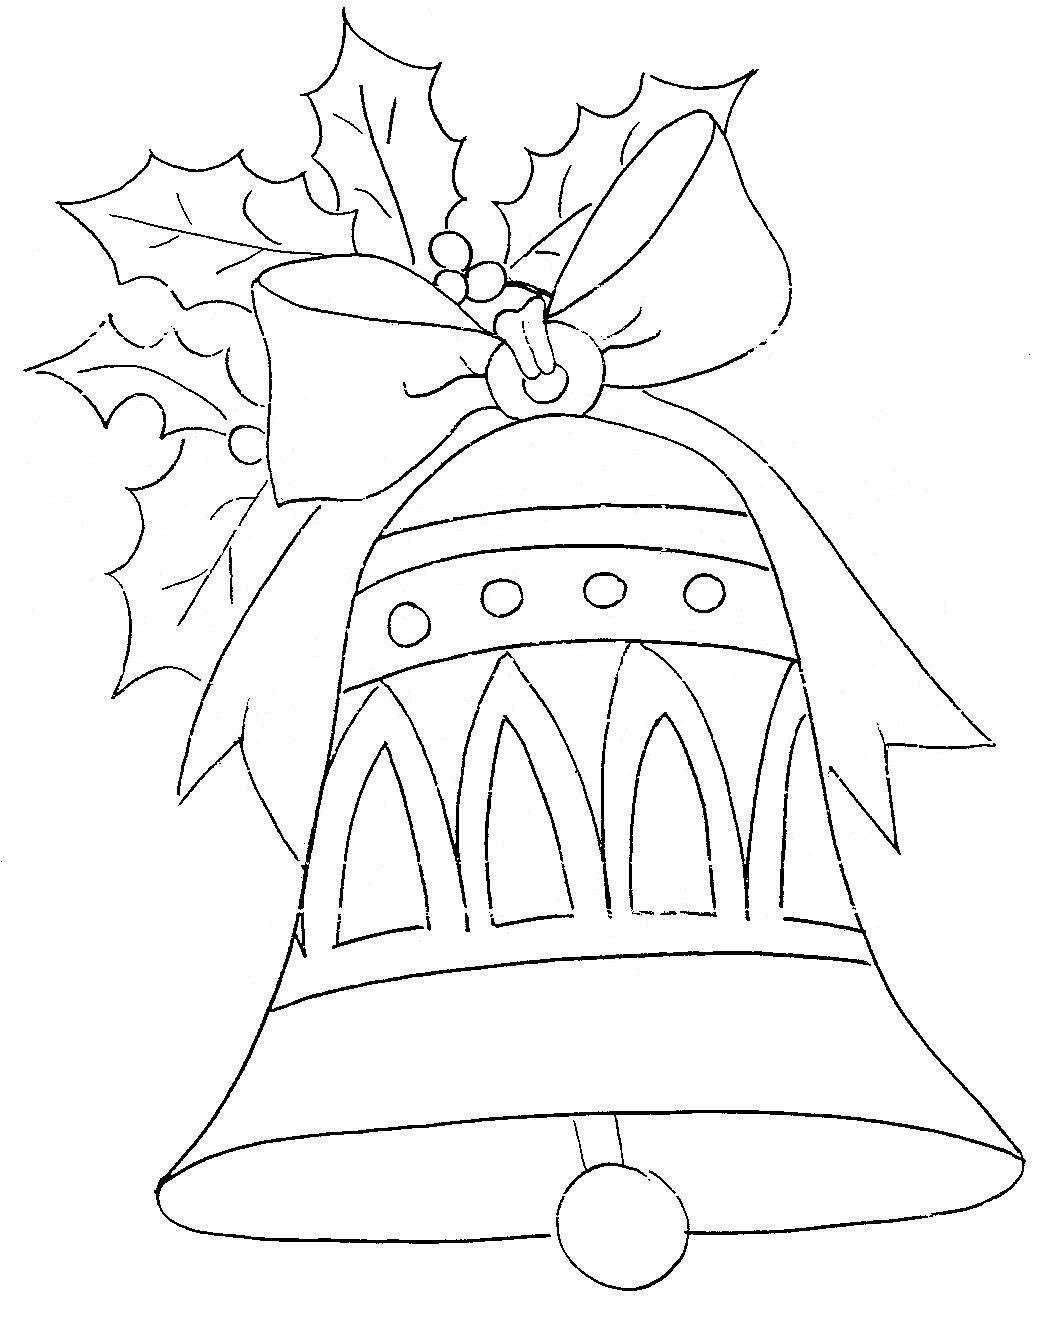 запросу минивэны рисуем колокола картинки данного типа